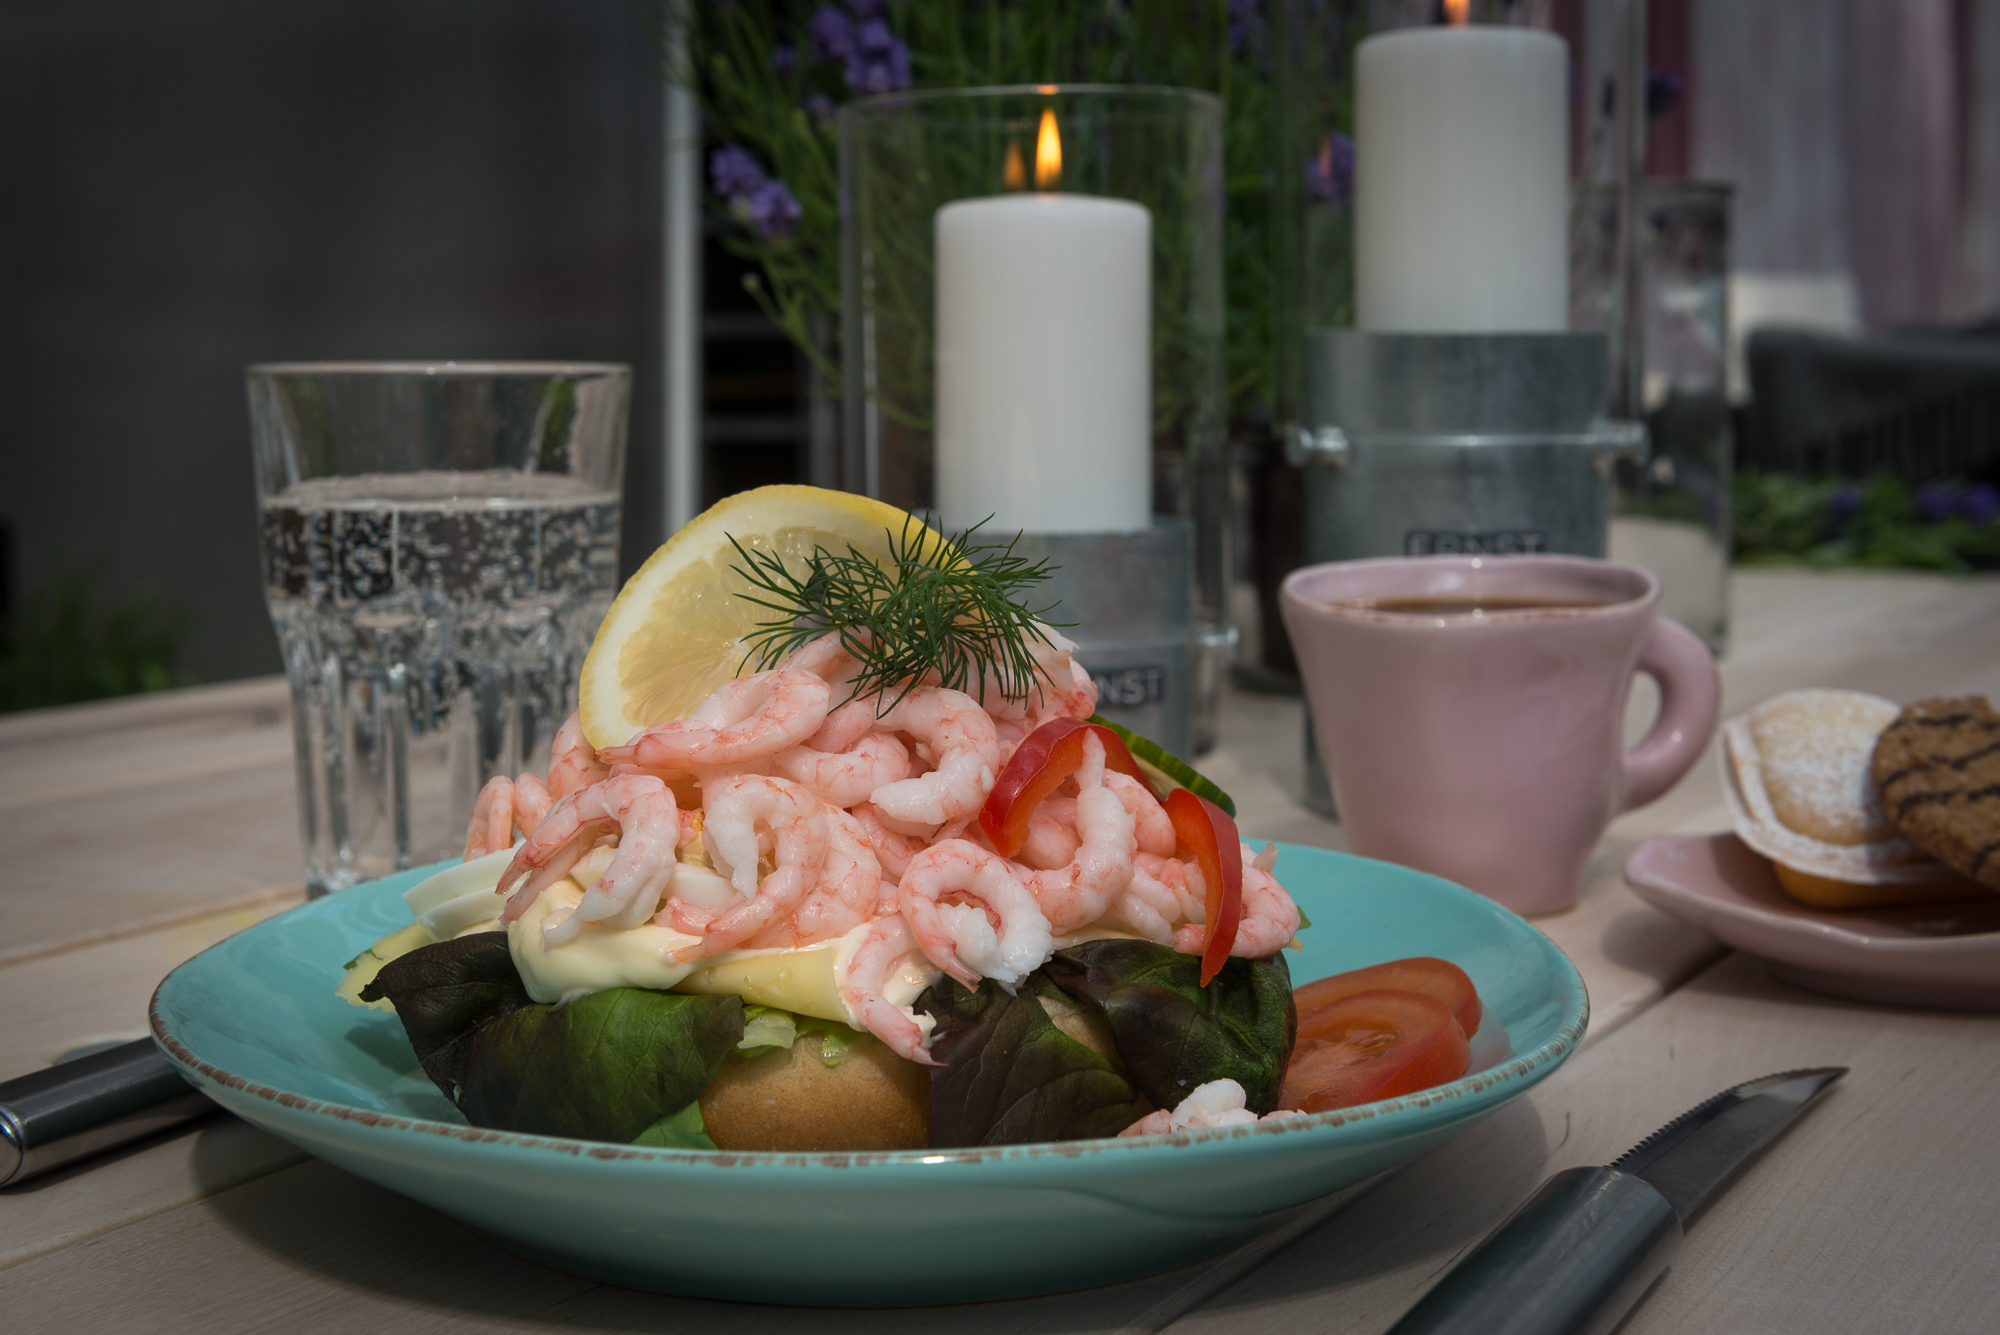 Åsbyhemochträdgård-räksmörgås 2014.jpg